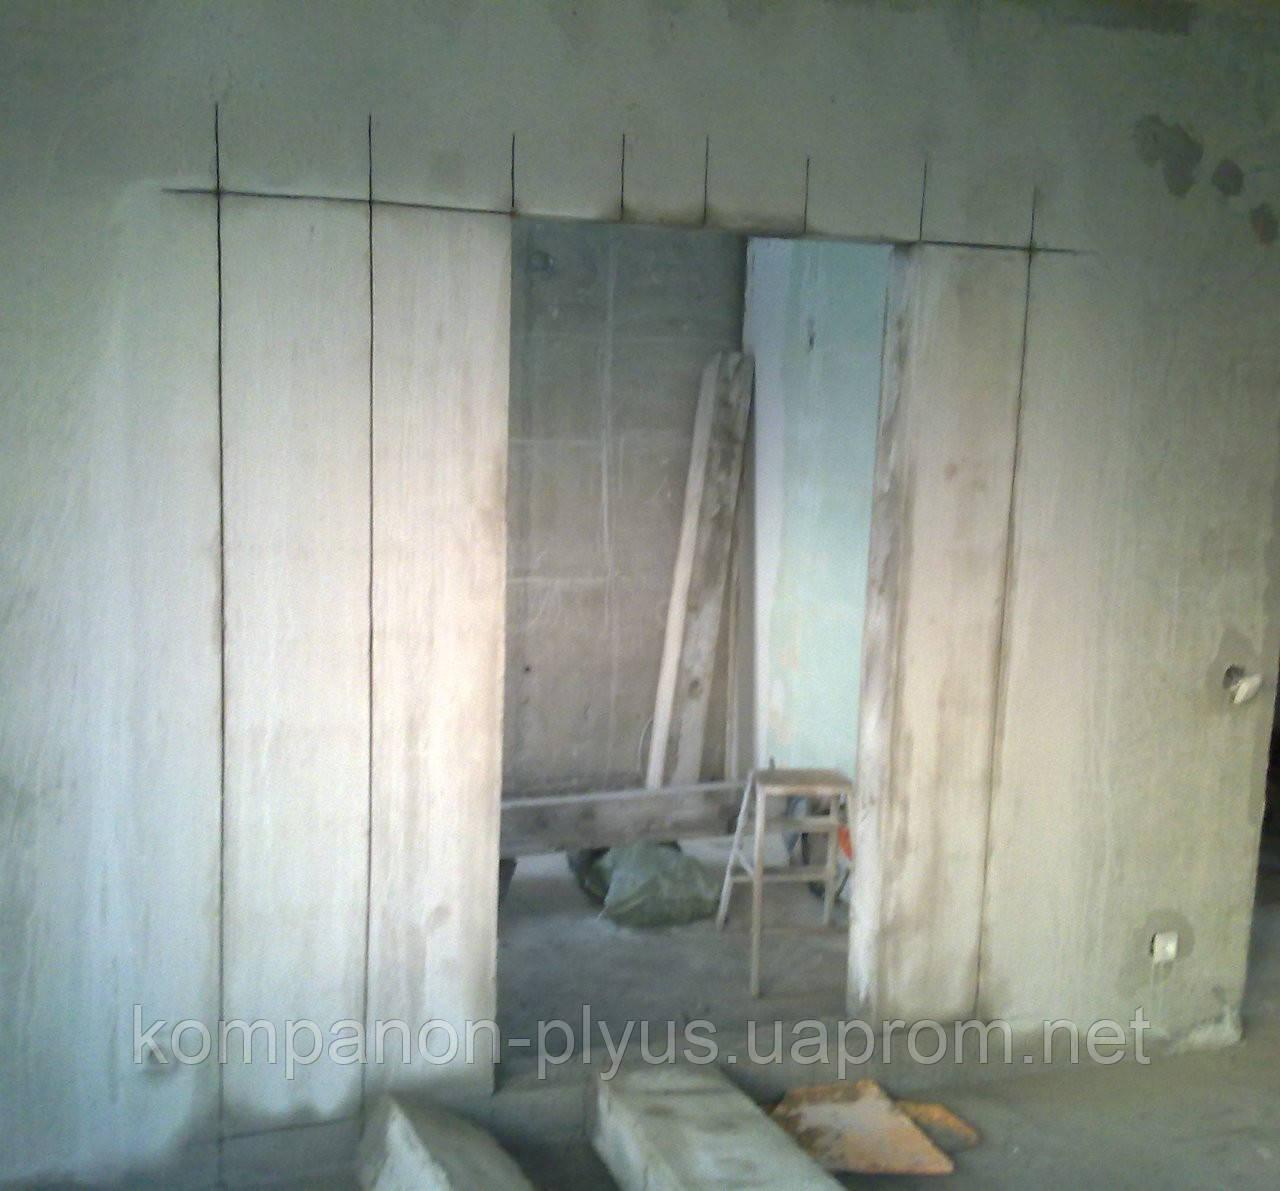 Алмазная резка проема в глухой стене